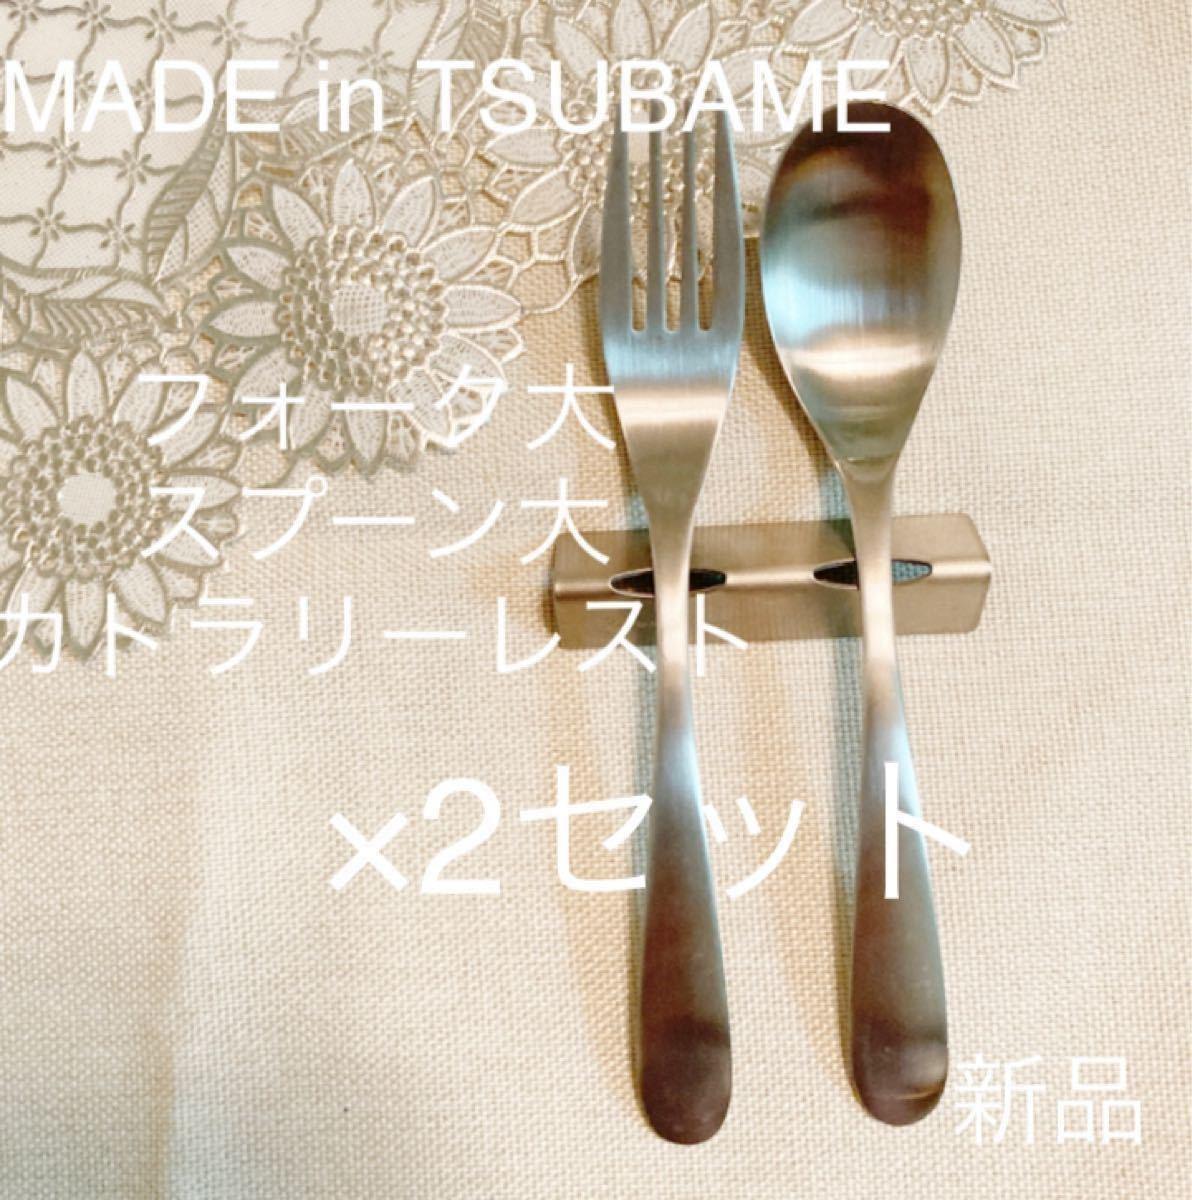 MADE in TSUBAMEカトラリー3種×2セット新品 フォーク スプーン カトラリーレスト 日本製 新潟県燕市燕三条